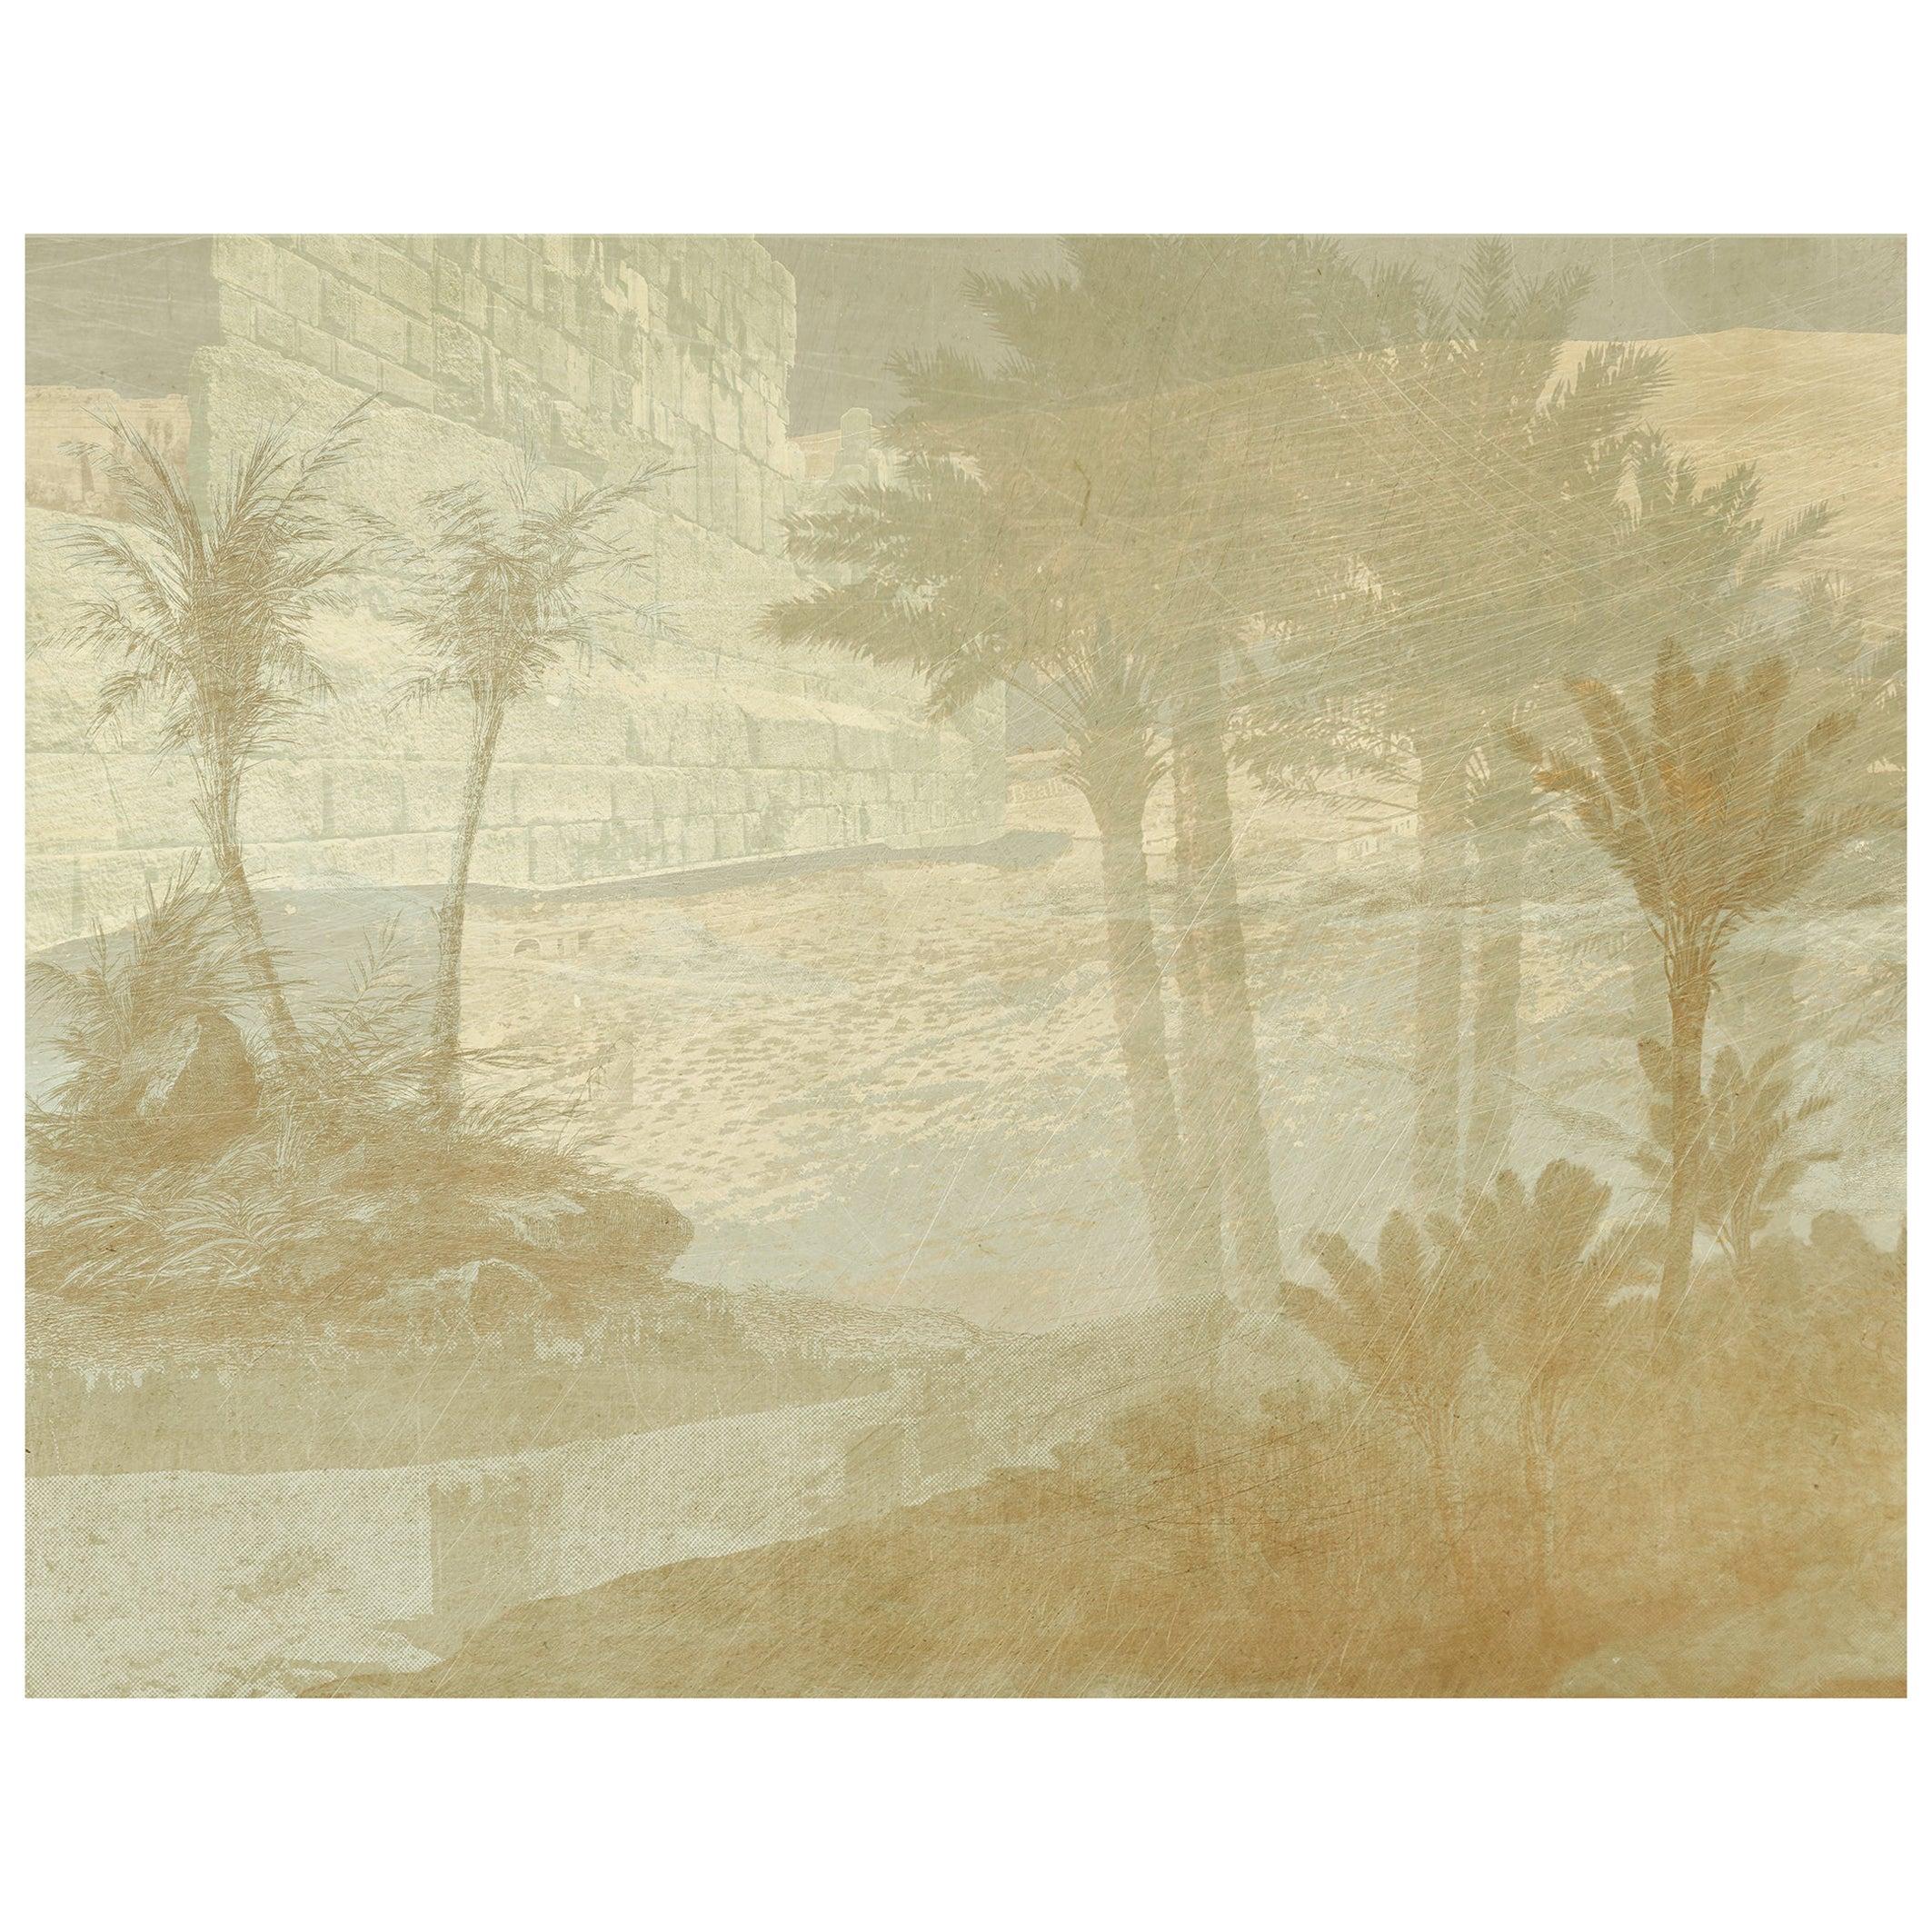 Aux portes de l'Atlas - custom mural wallpaper (color sand)